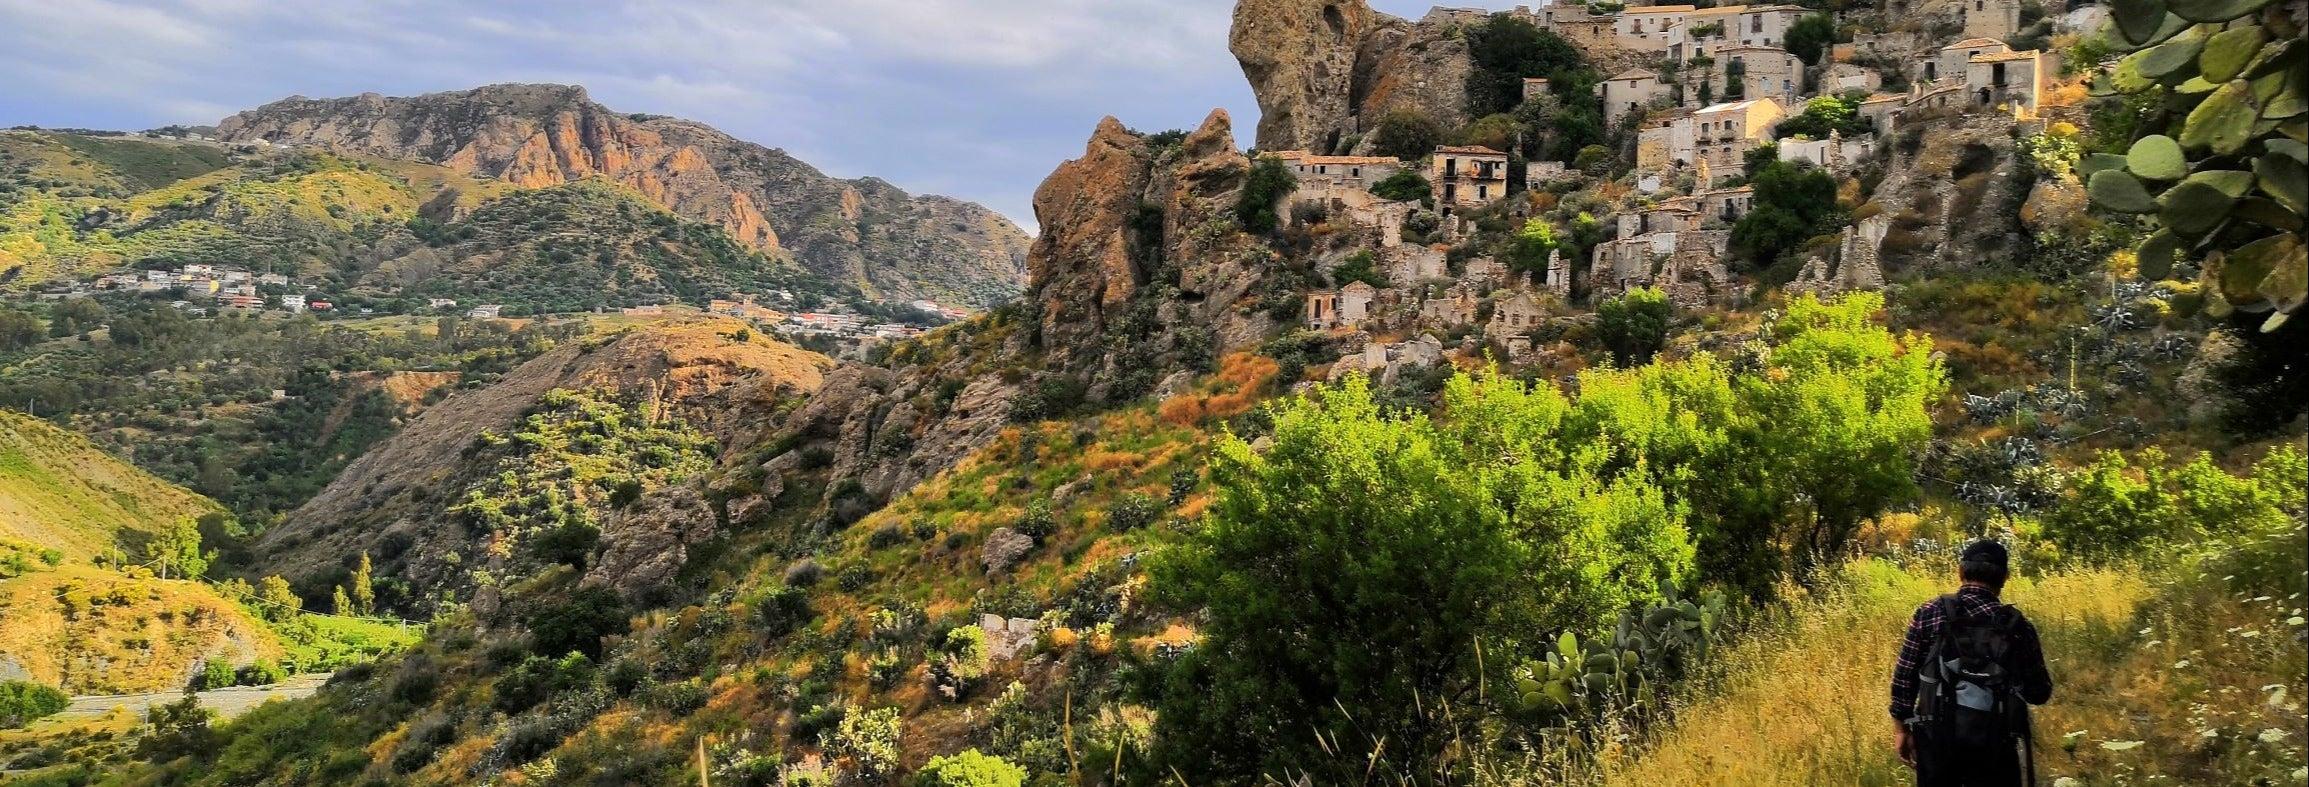 Visita al villaggio fantasma di Pentedattilo